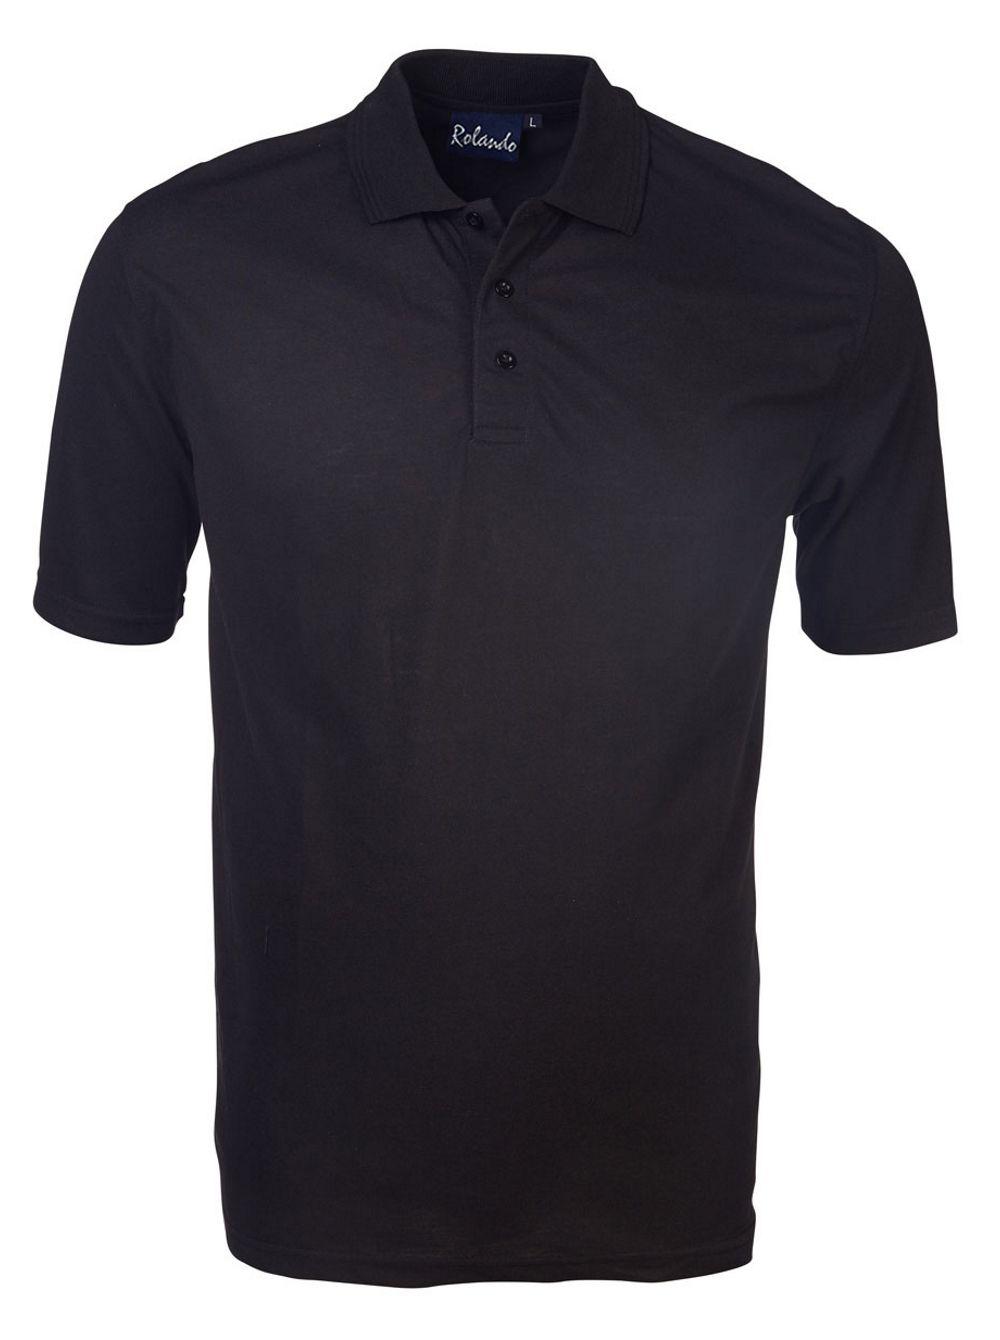 220G Pique P19 Lancaster Golf Shirt Golf Shirts